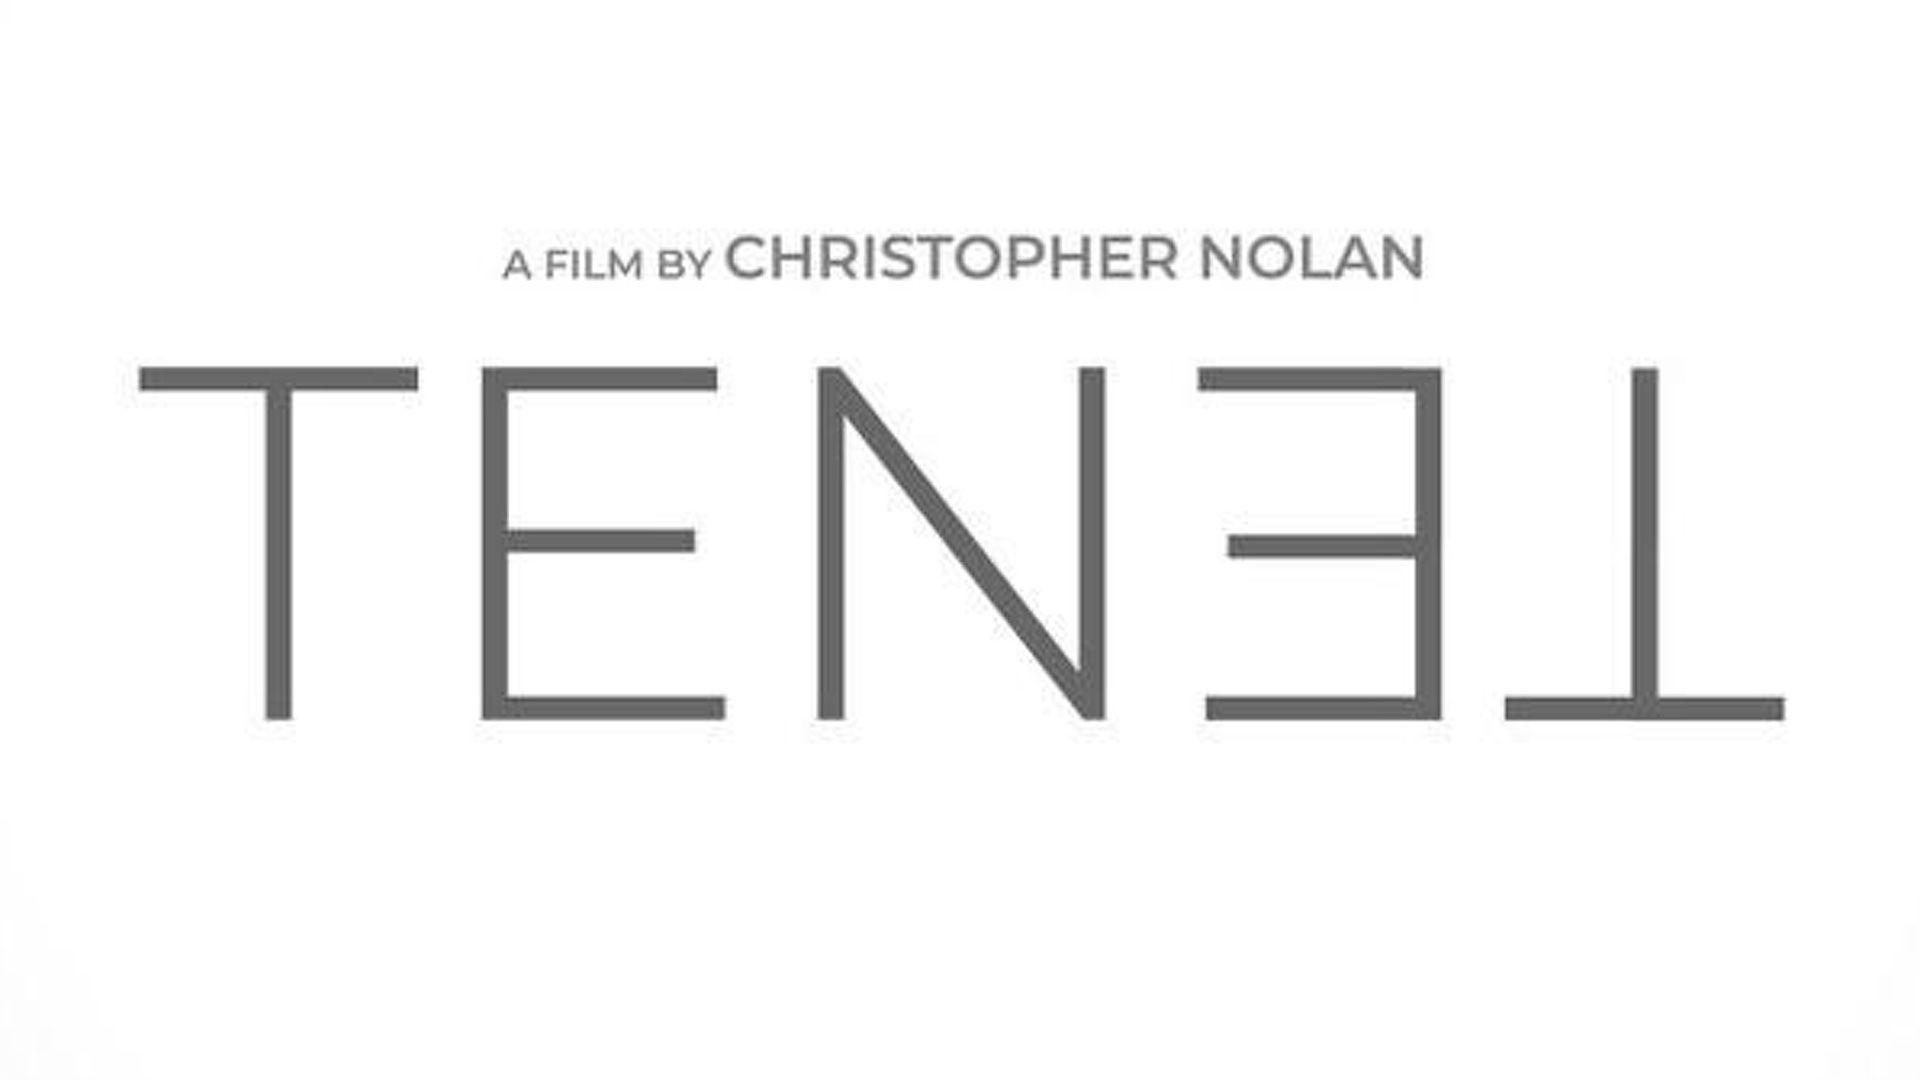 El prólogo de Tenet de Christopher Nolan debutará en cines este diciembre